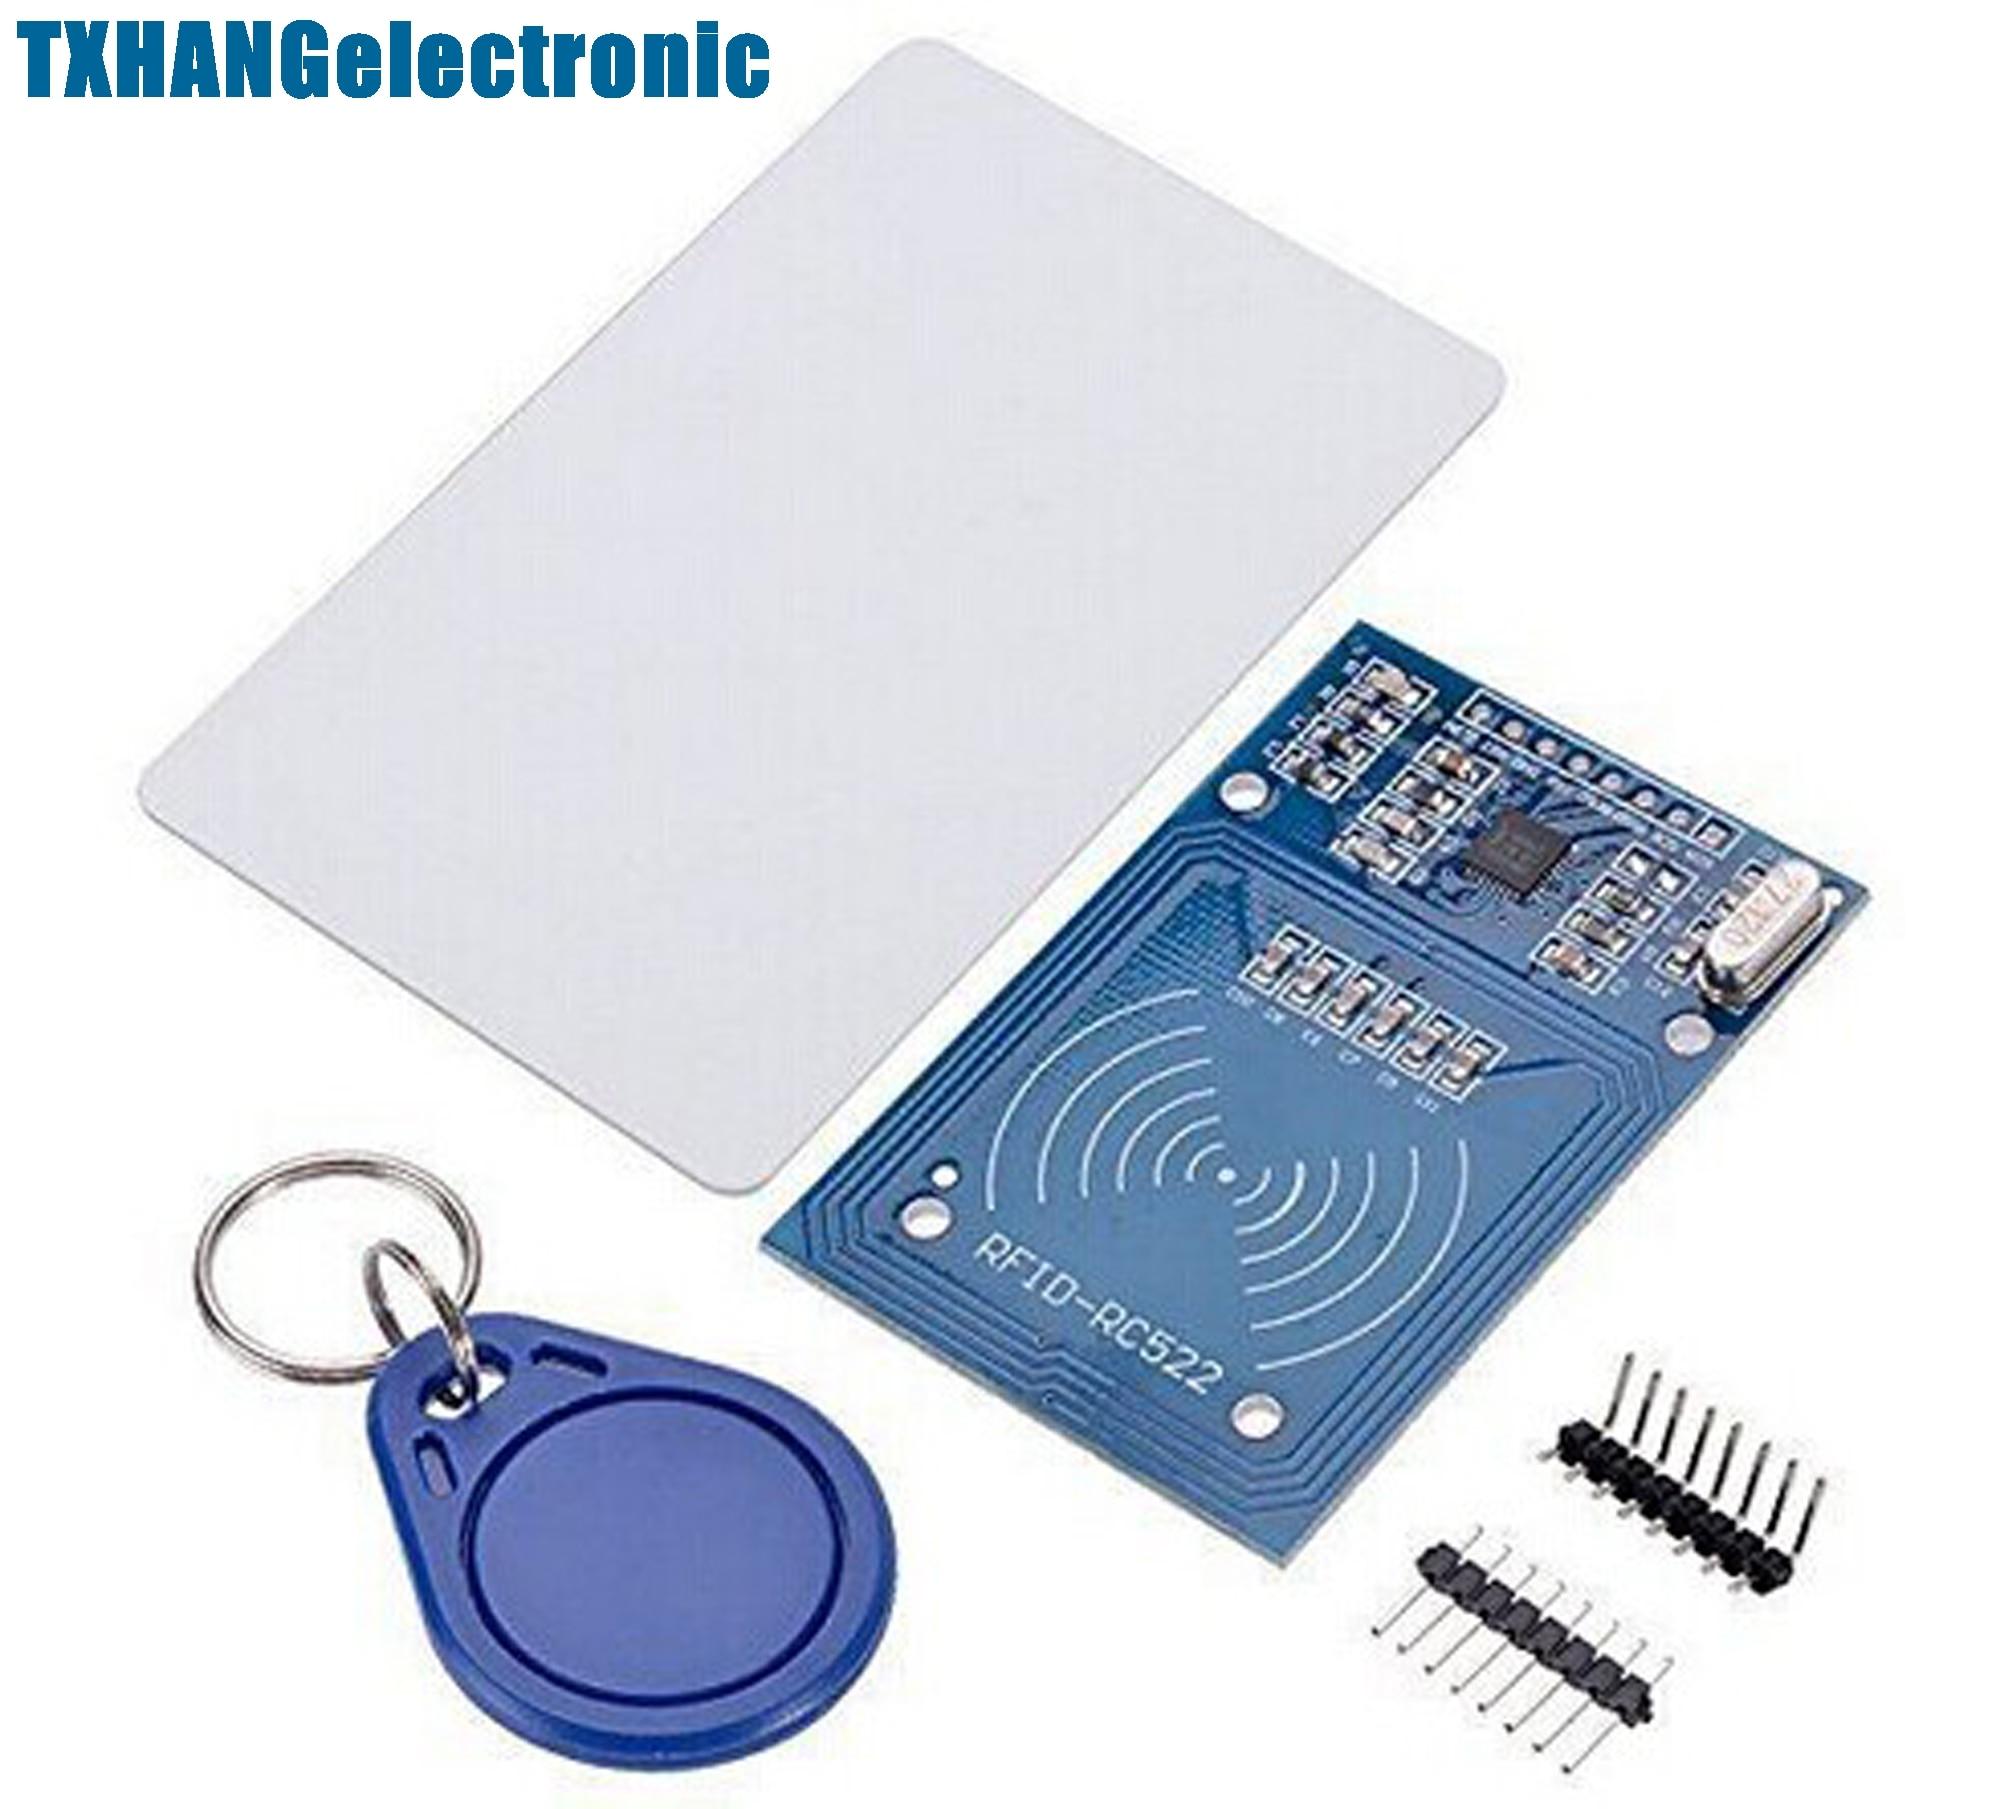 1 Uds MFRC-522 RC522 RFID RF IC Tarjeta de Sensor inductivo lector de tarjetas electrónica condensador de tantalio